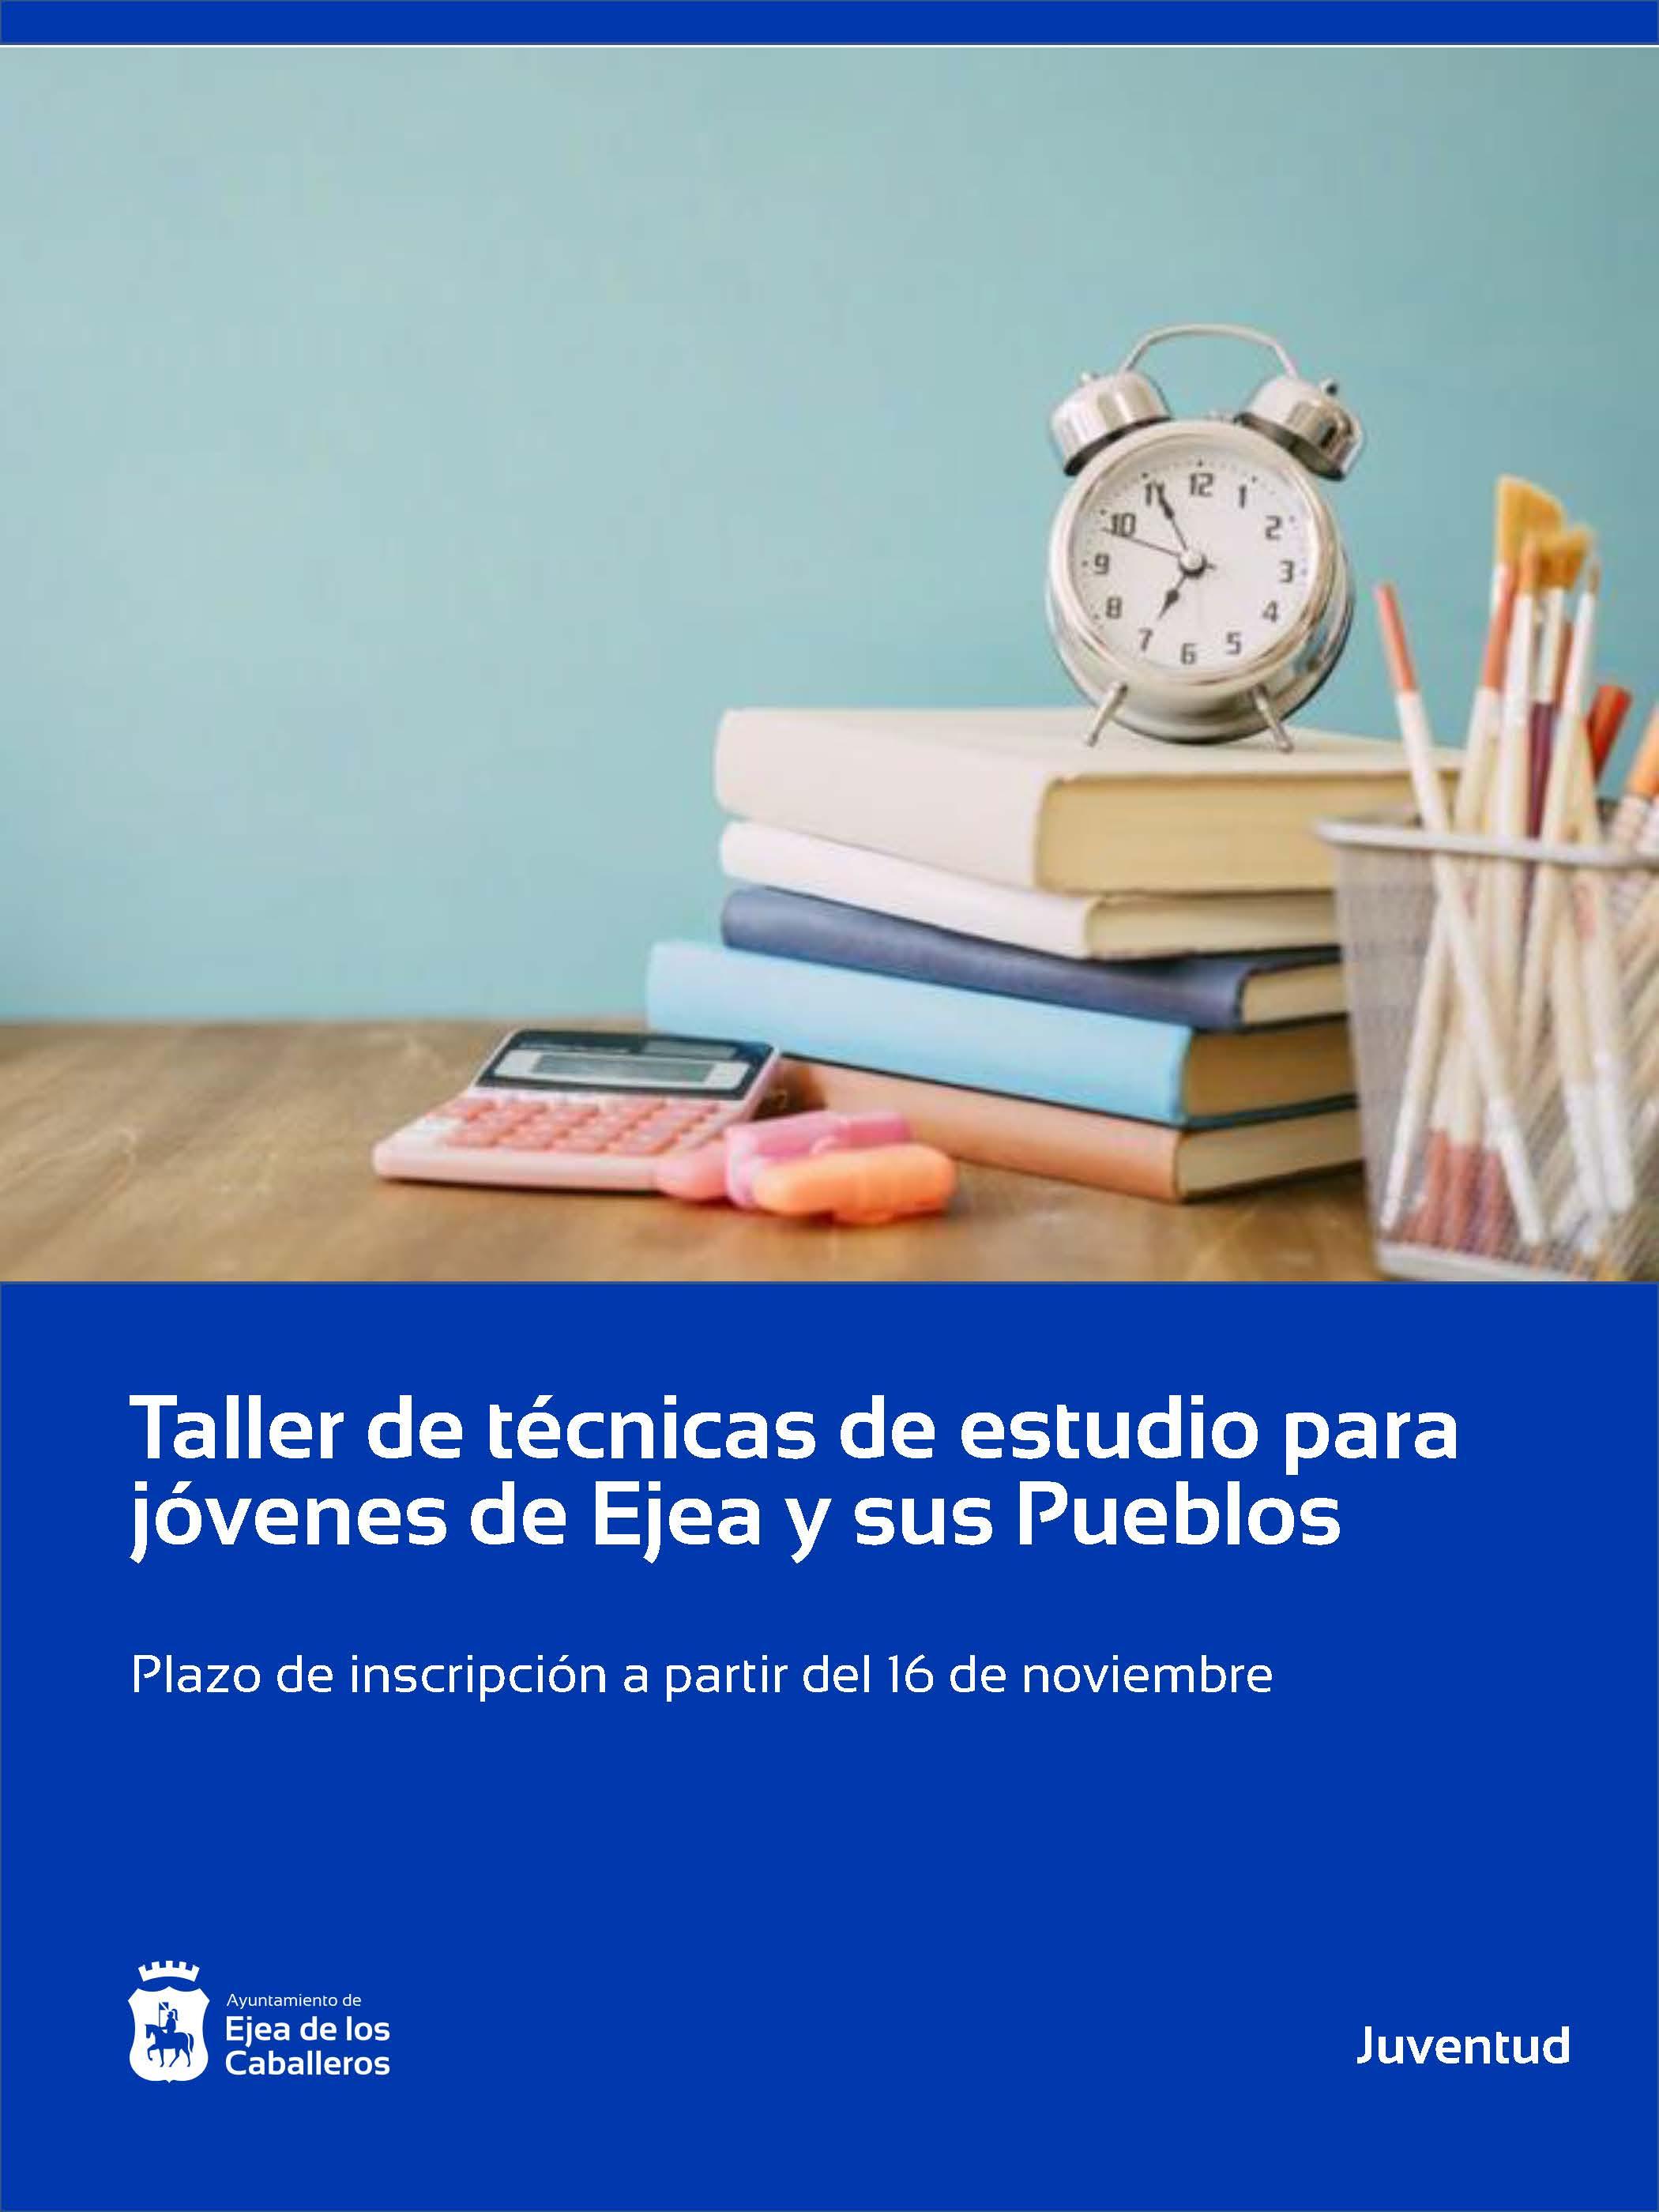 En marcha un taller de técnicas de estudio para jóvenes de Ejea y sus Pueblos